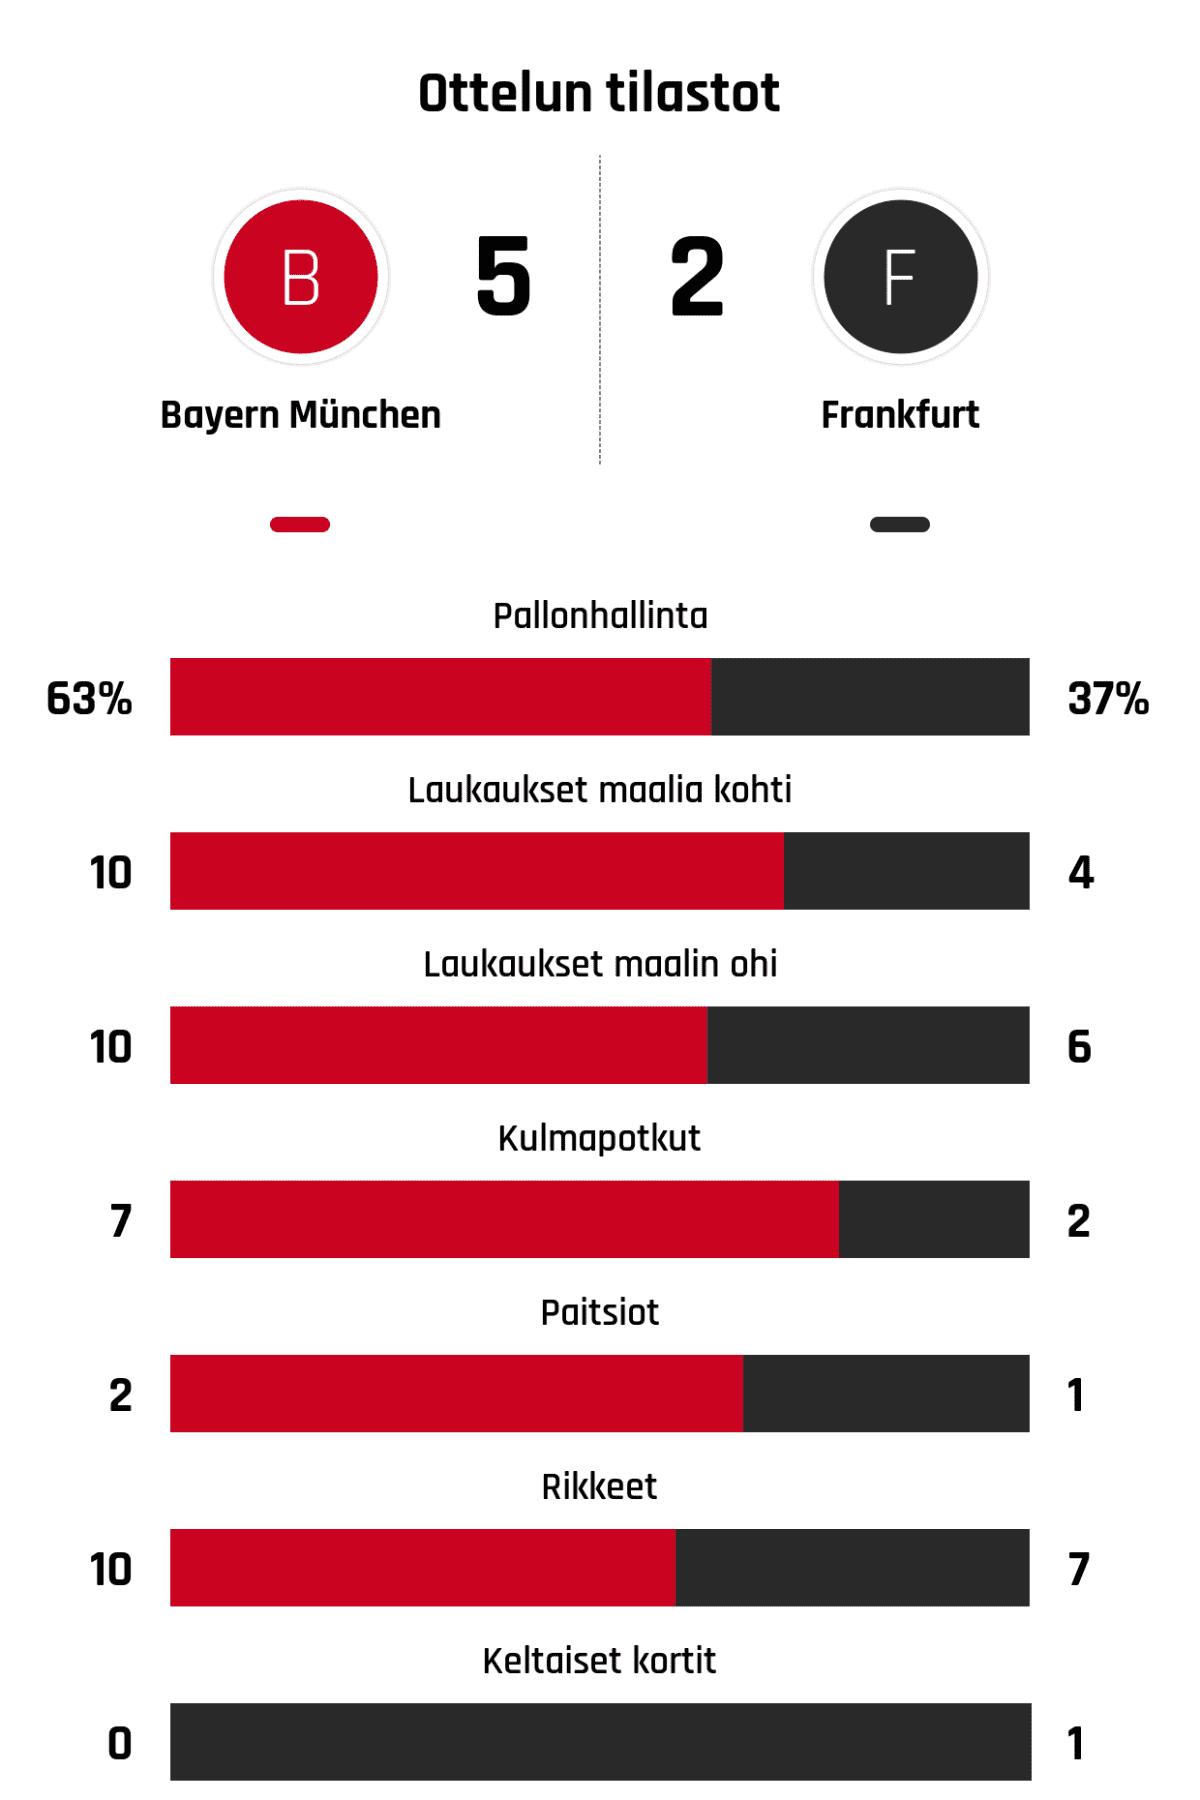 Pallonhallinta 63%-37% Laukaukset maalia kohti 10-4 Laukaukset maalin ohi 10-6 Kulmapotkut 7-2 Paitsiot 2-1 Rikkeet 10-7 Keltaiset kortit 0-1